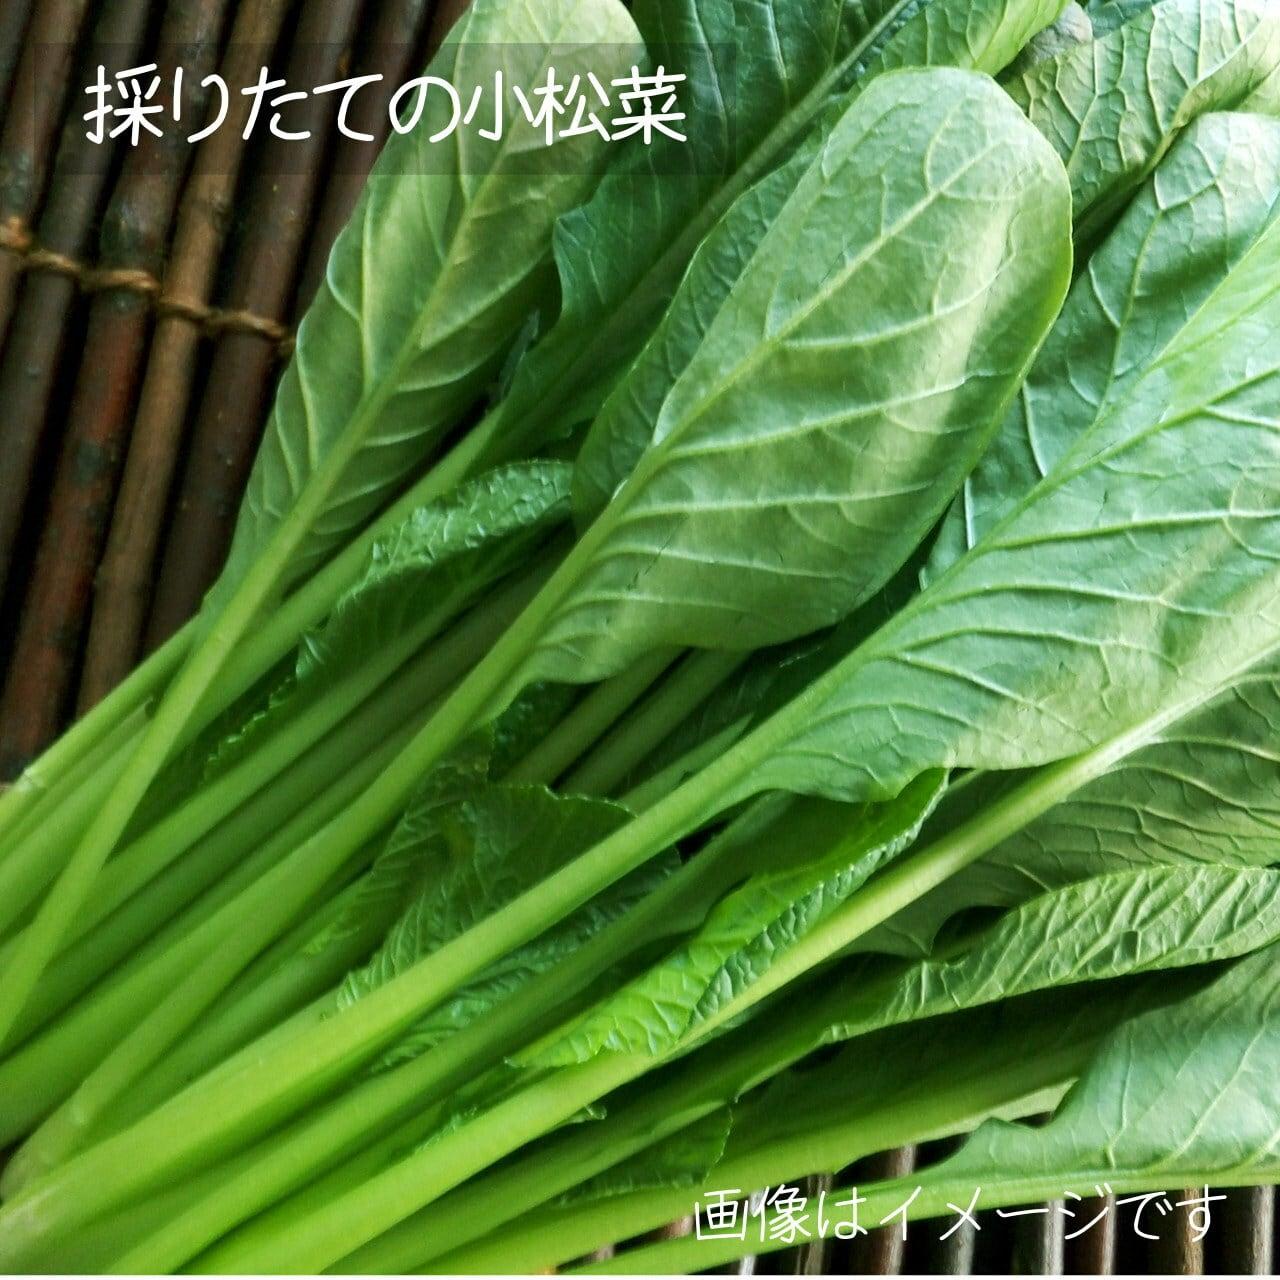 新鮮な夏野菜 :小松菜 約200g 8月の朝採り直売野菜 8月8日発送予定